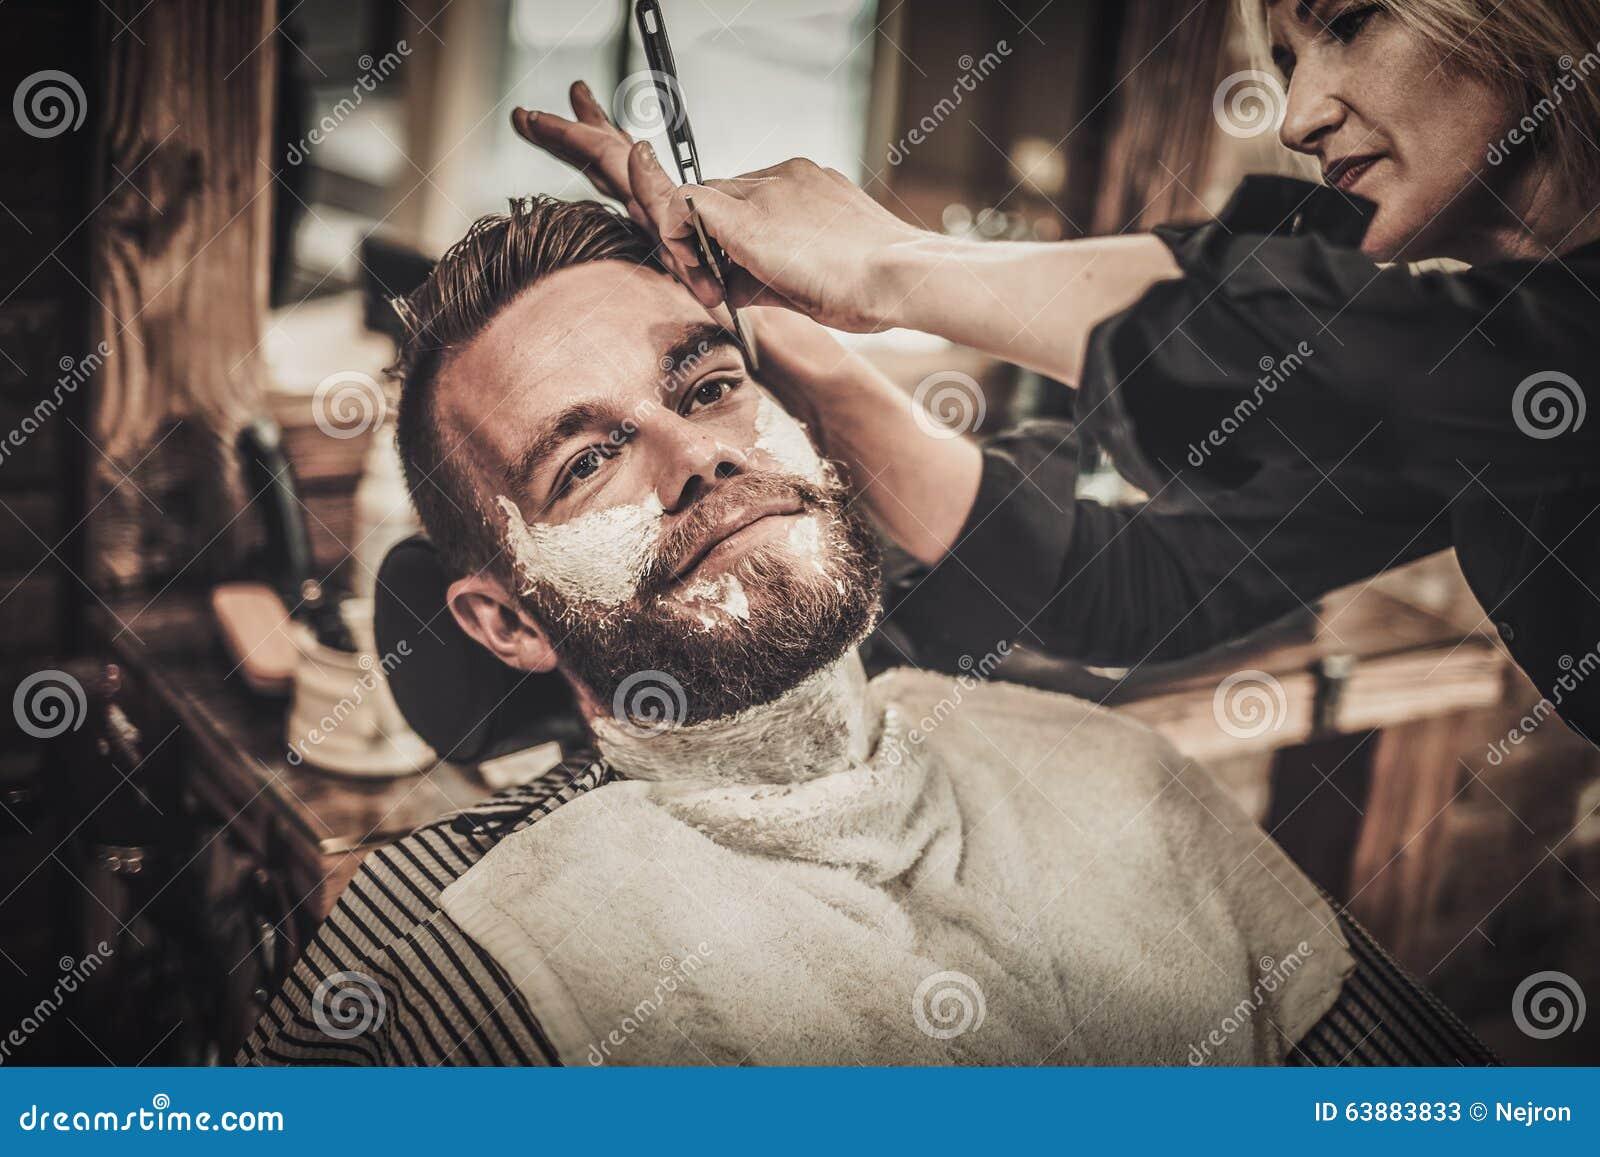 beard shaving in barber shop stock photo image 63883833. Black Bedroom Furniture Sets. Home Design Ideas